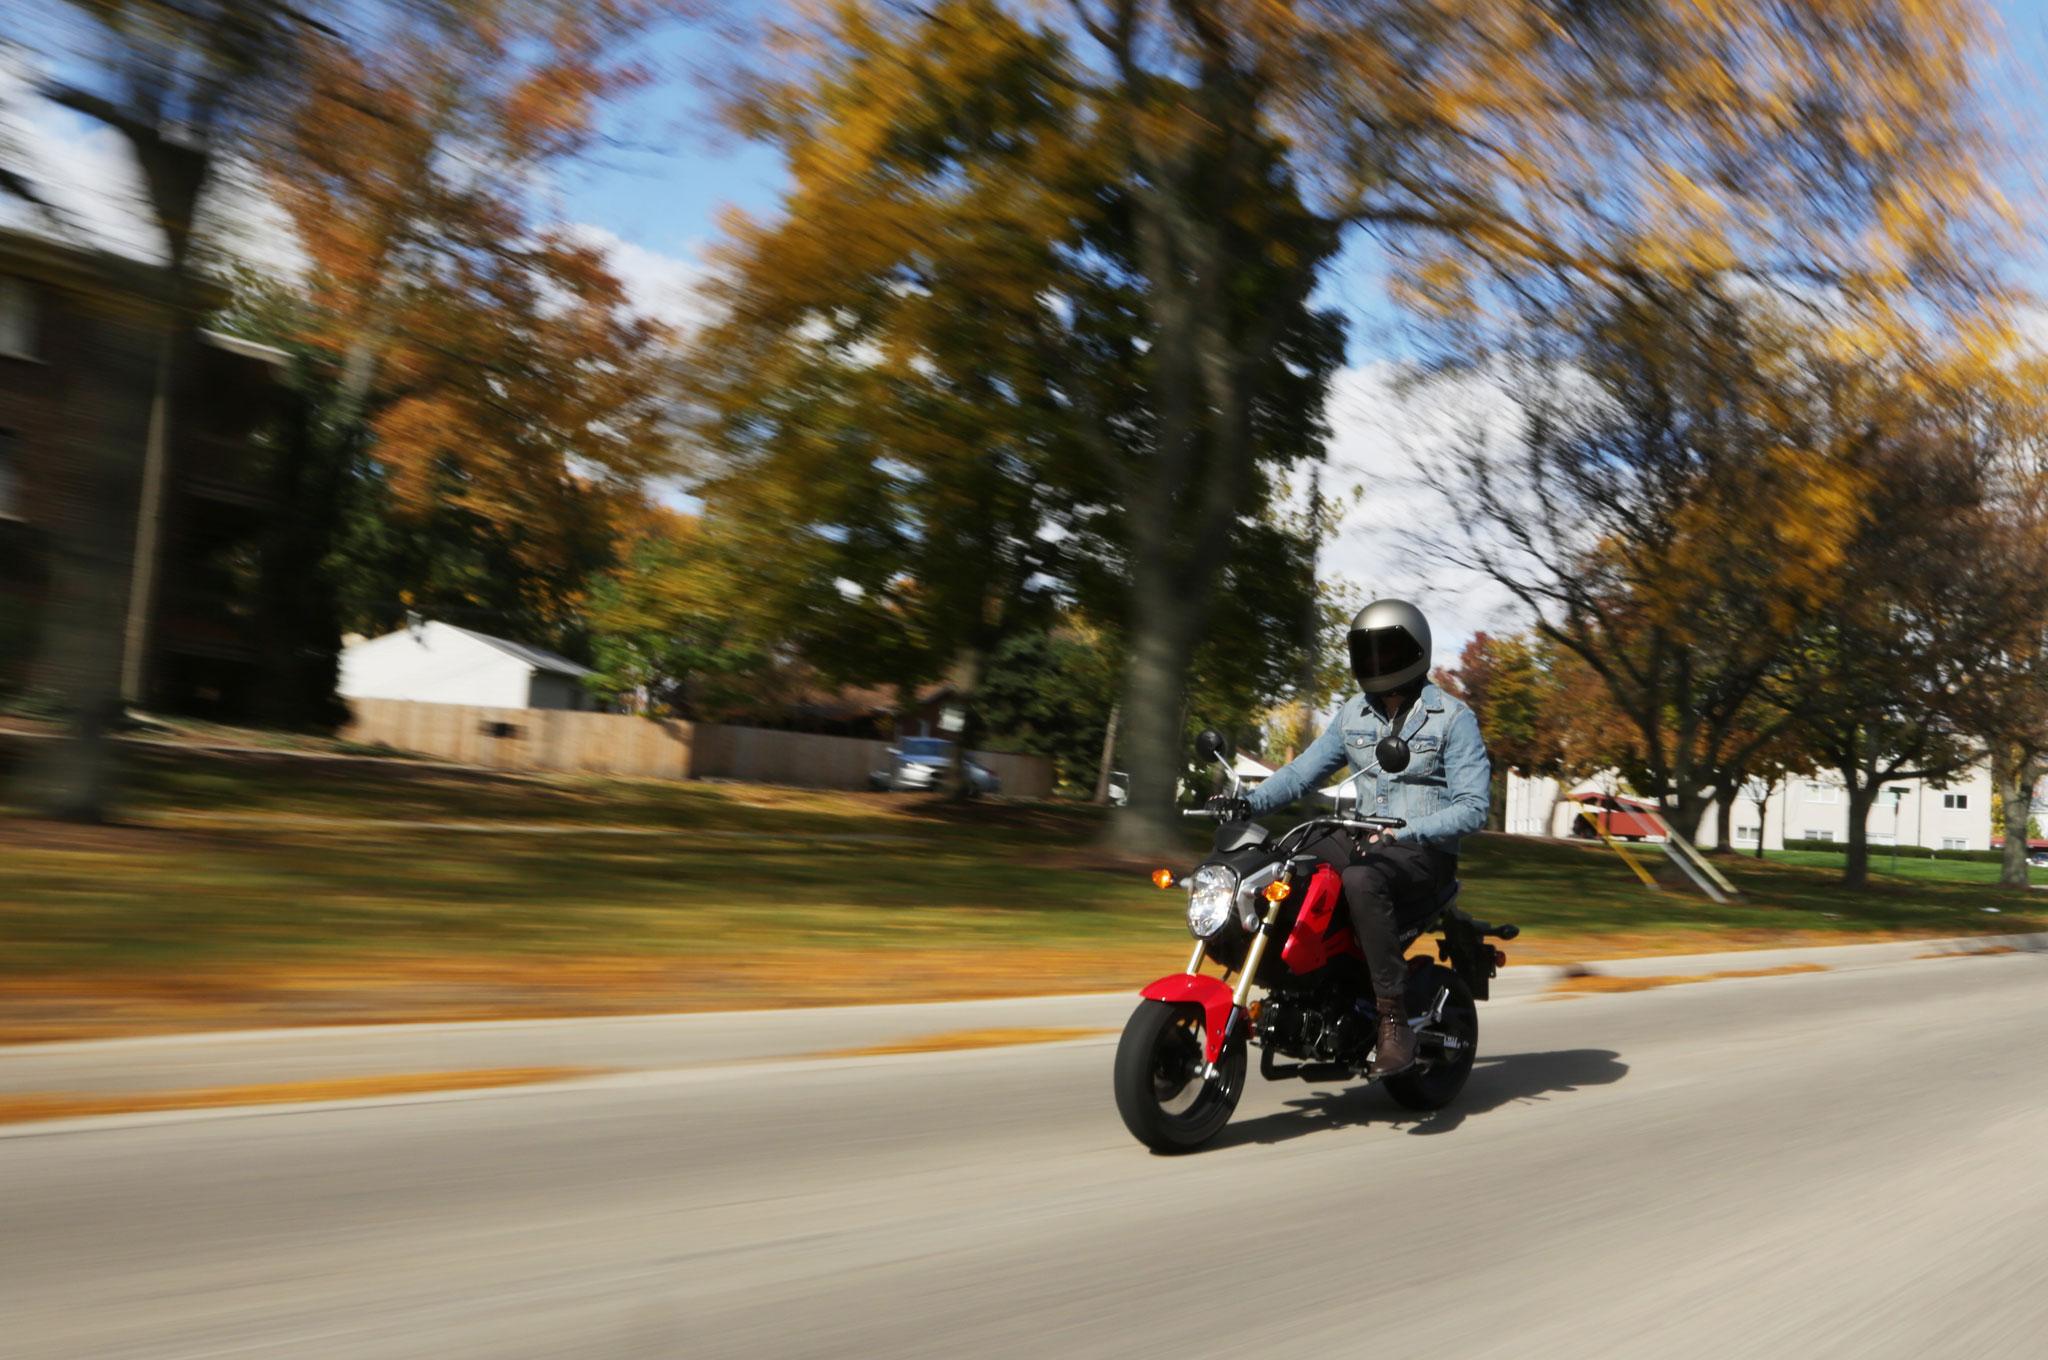 Honda Grom Gas Mileage >> 2014 Honda Grom: Around The Block